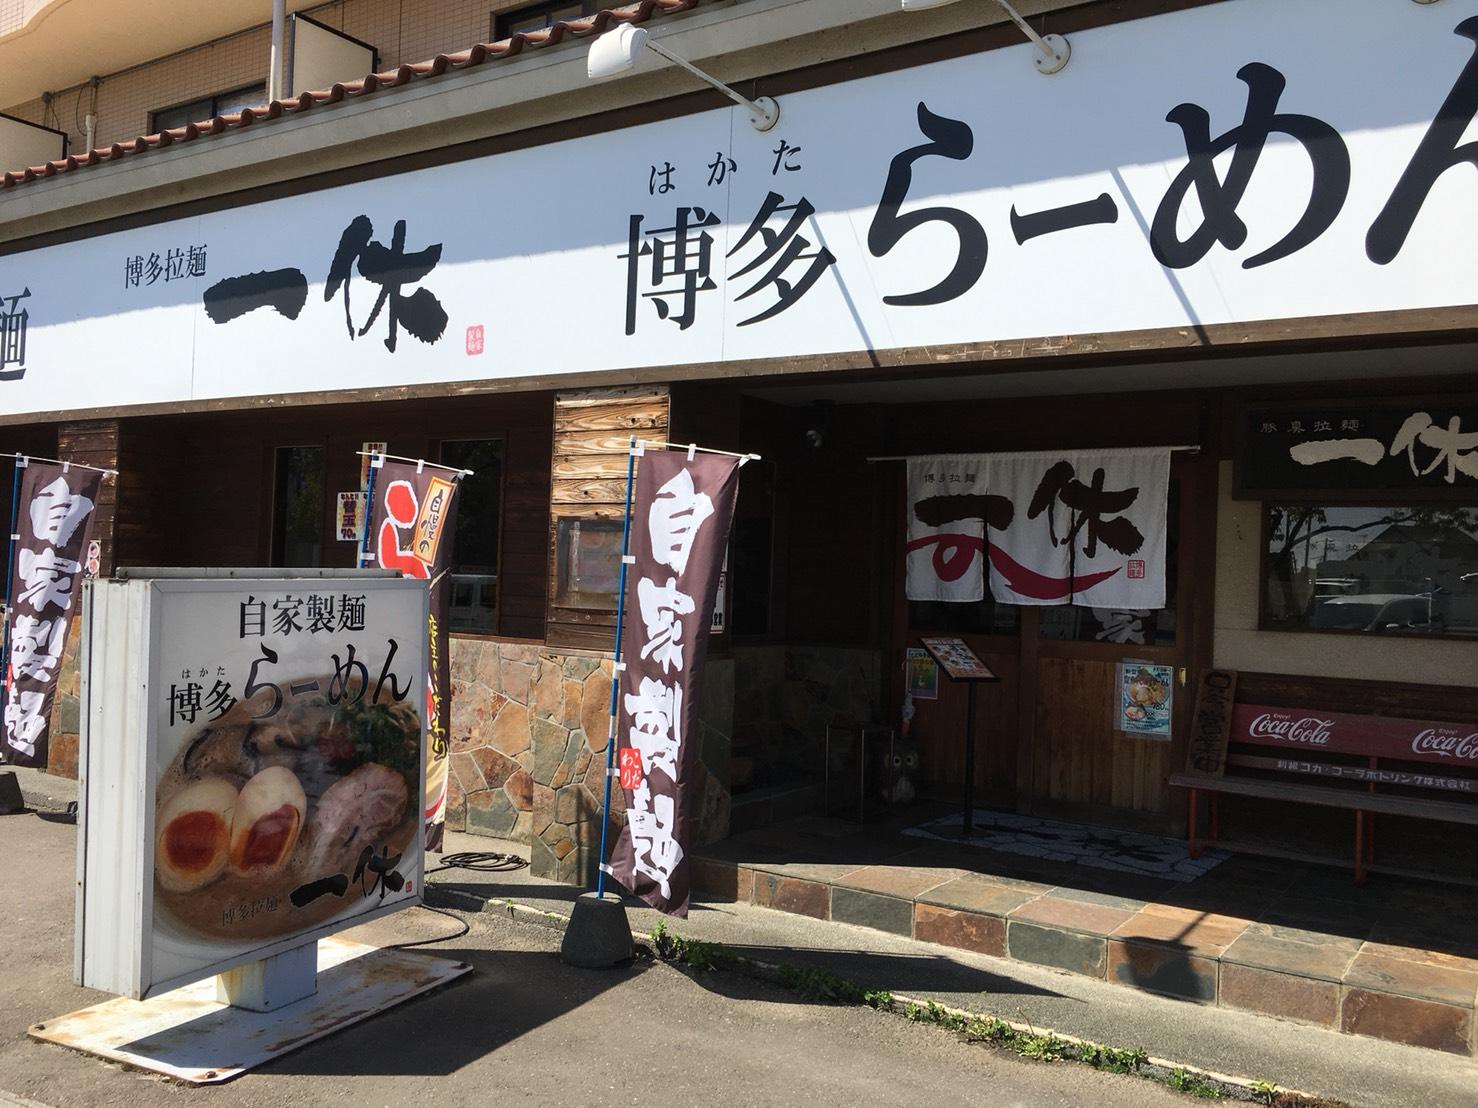 博多ラーメン 一休 桜店(茨城県つくば市/らーめん)